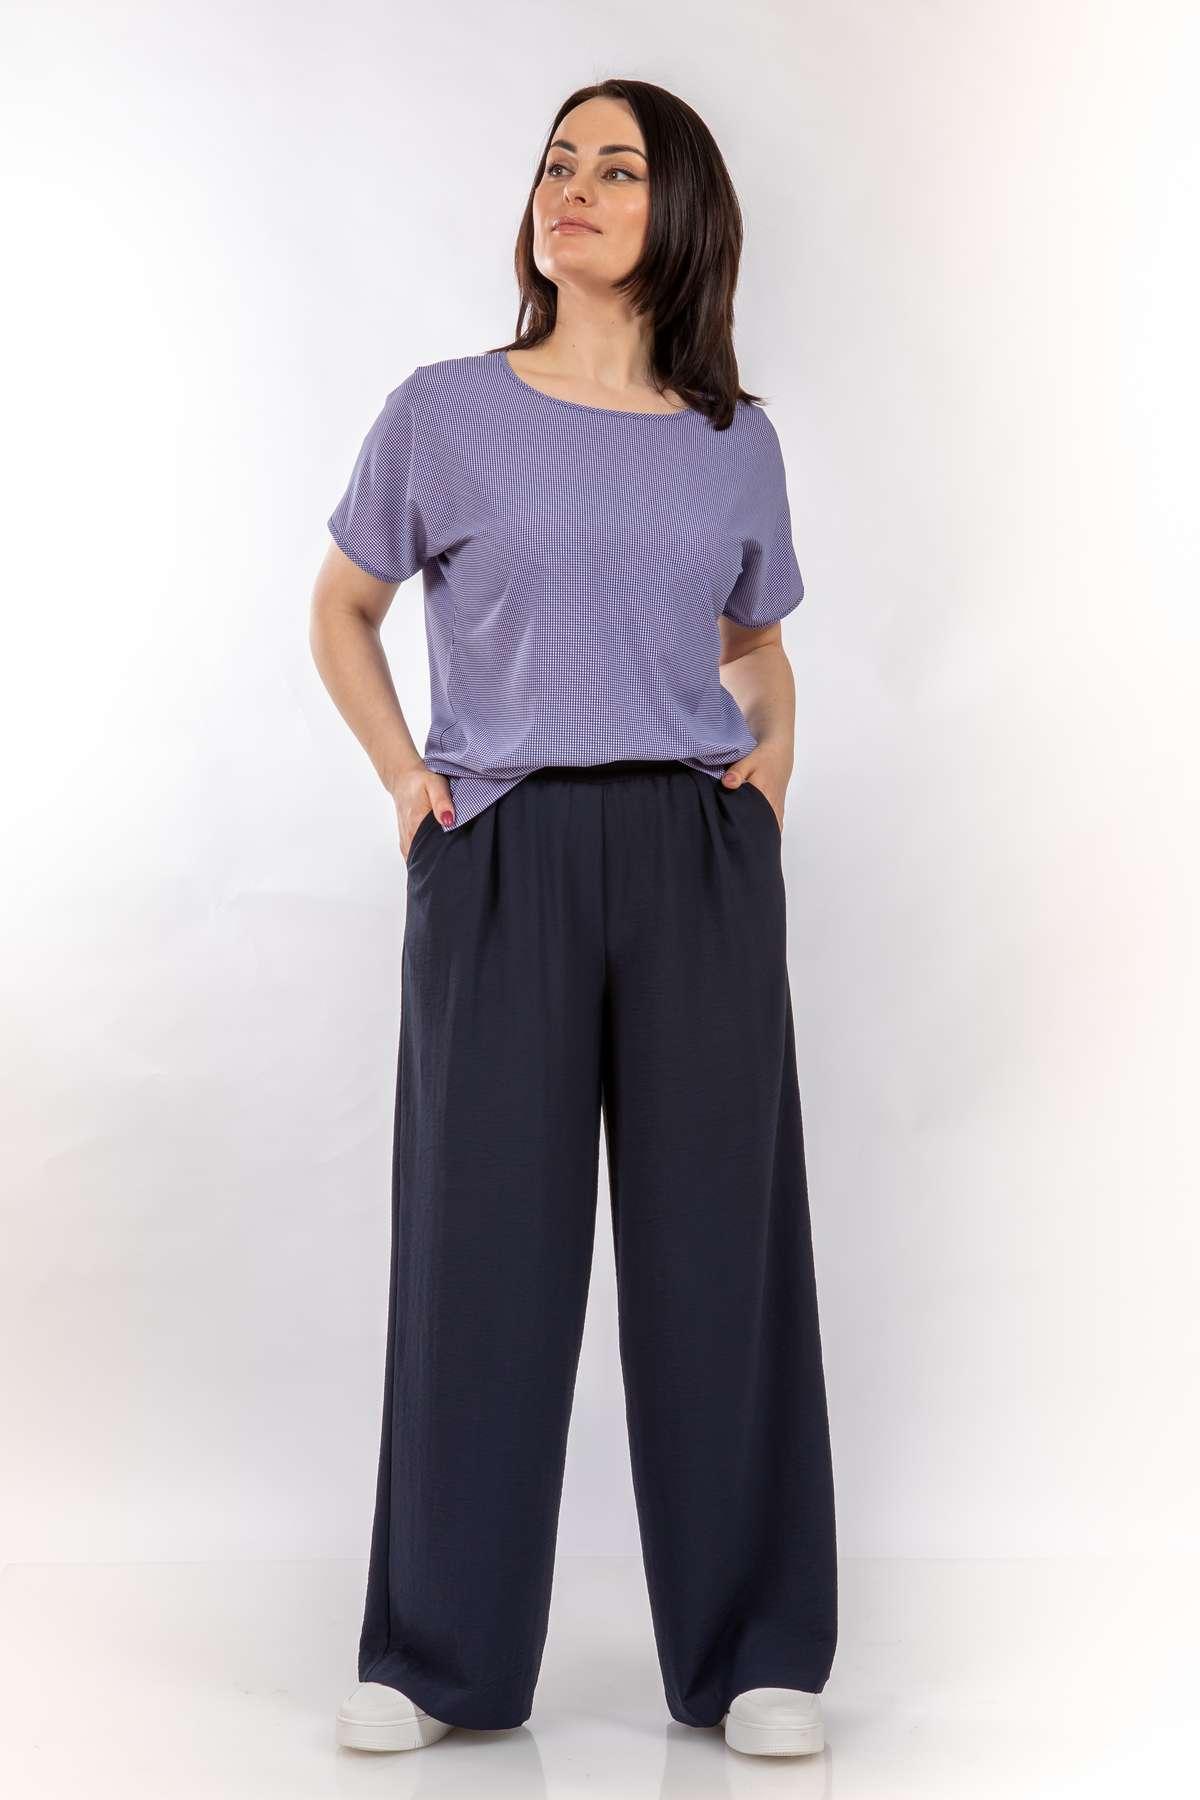 Удобные брюки для городских прогулок